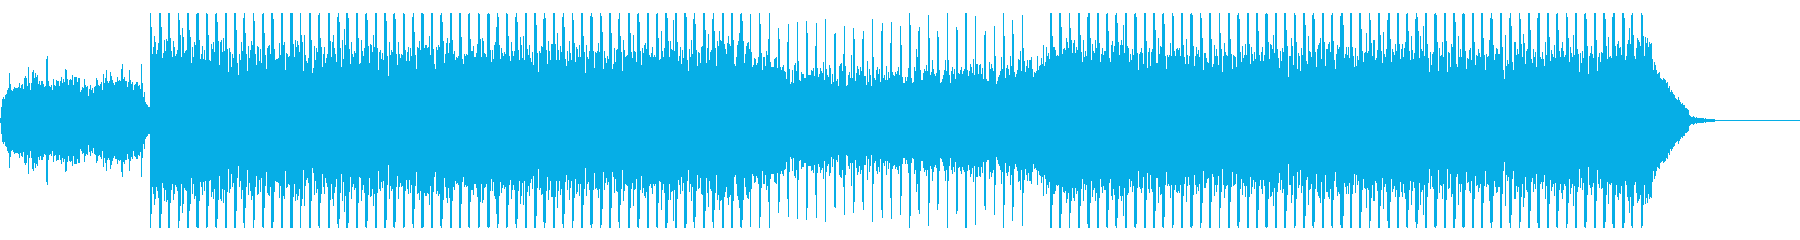 フューチャー感、4つ打ち、CM、ニュースの再生済みの波形